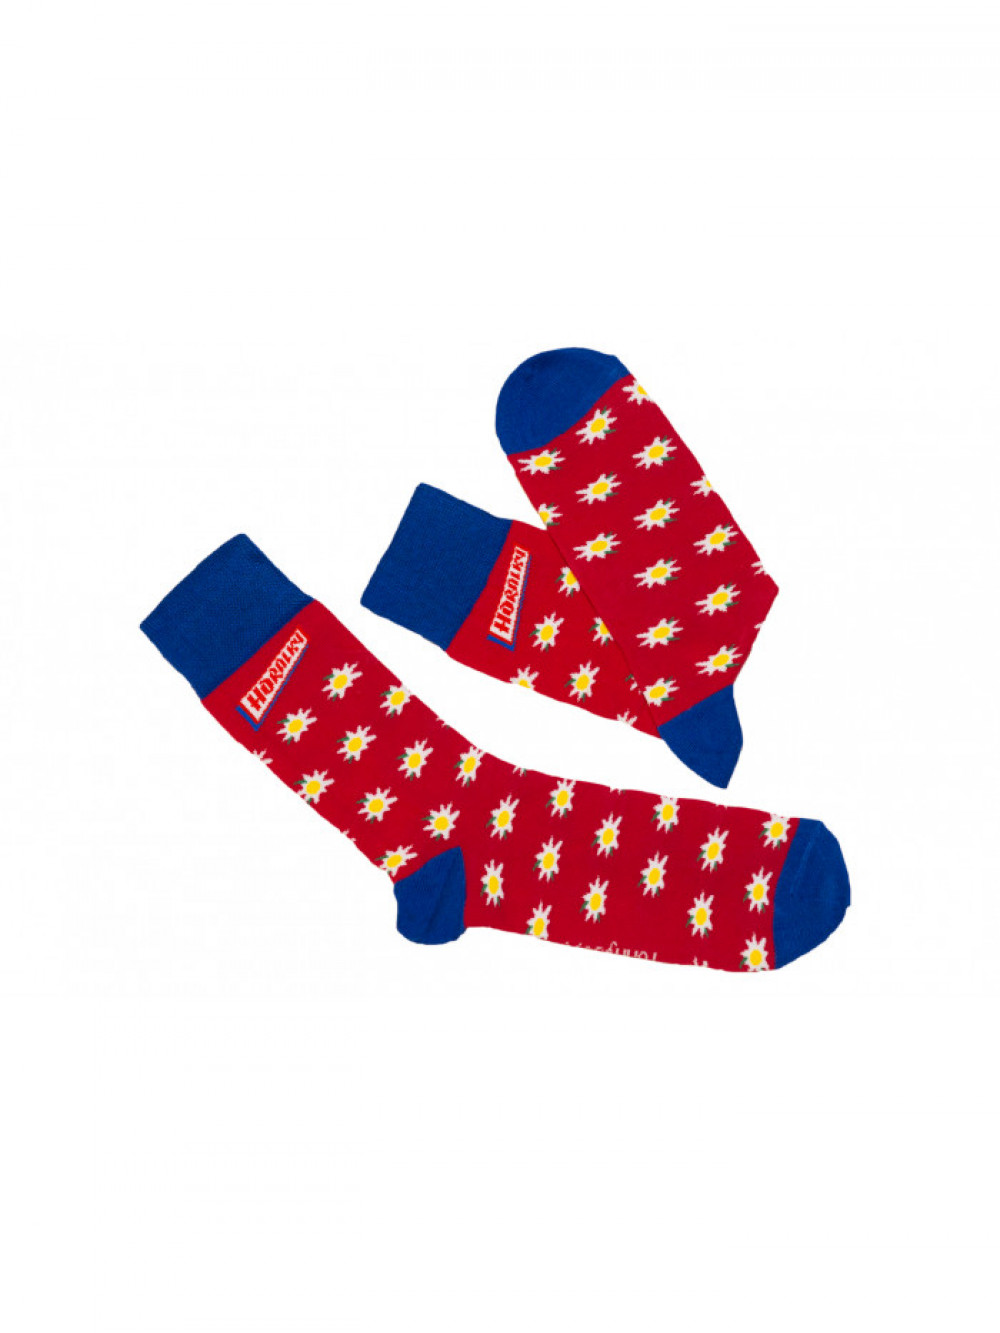 Ponožky Horalky Funnysox červené